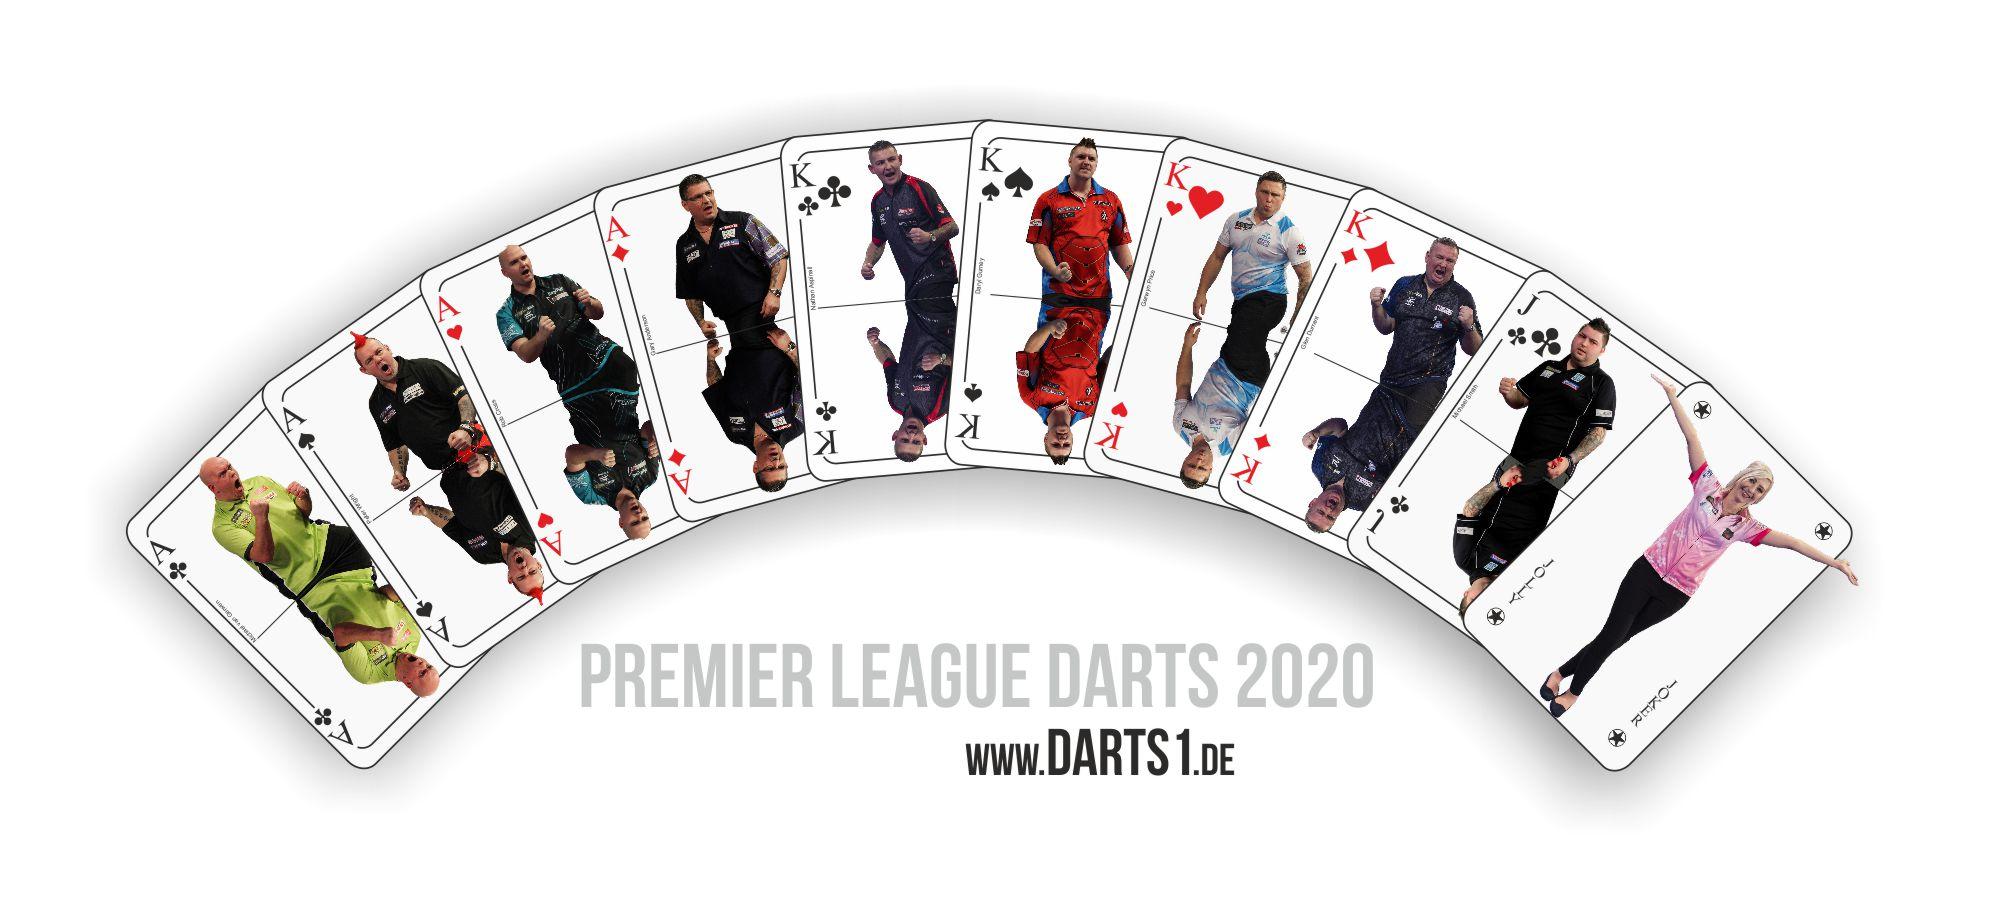 Darts Premier League 2020